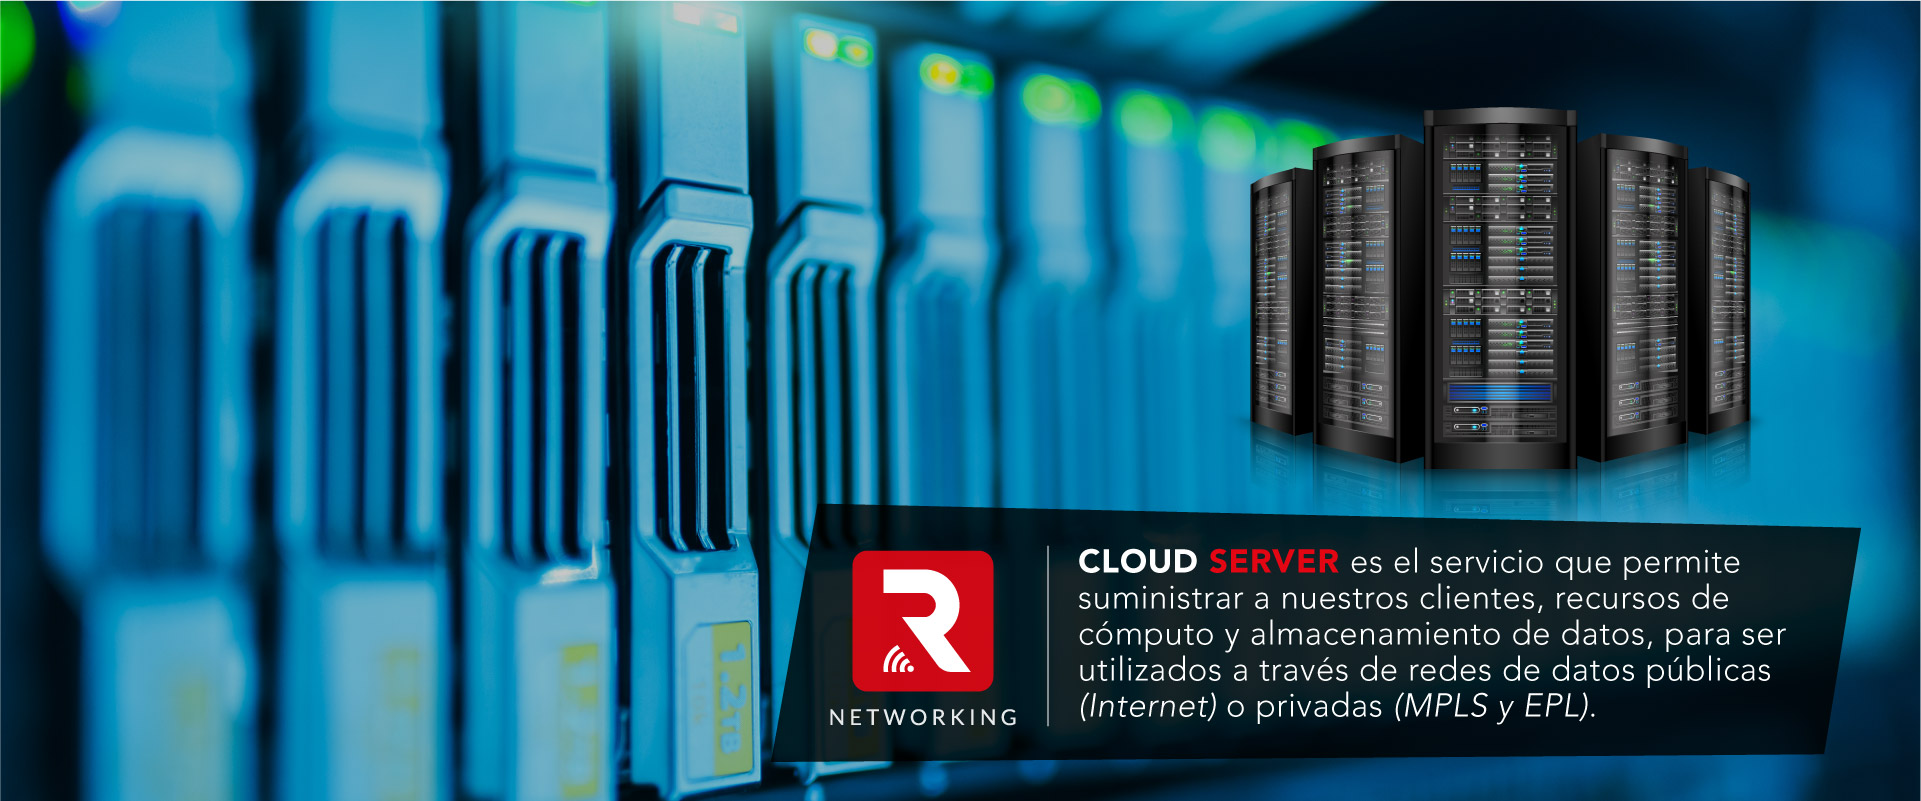 Unidad de negocios orientada a Servicios informaticos, Servidores, Cloud, Informatica, redes y telecomunicaciónes